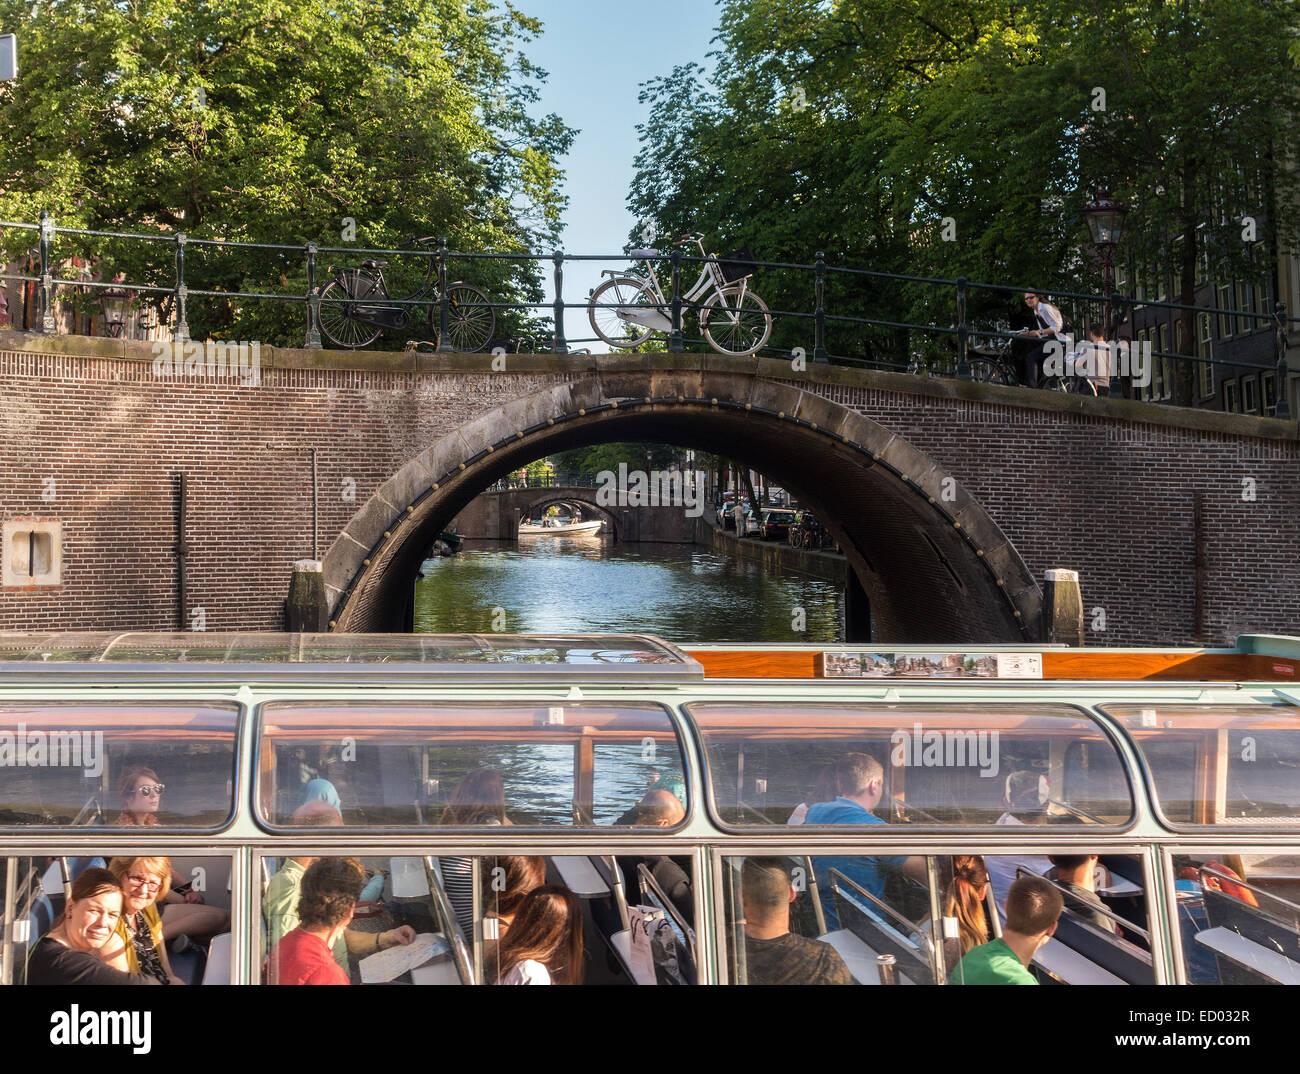 Du Canal d'Amsterdam, les sept ponts de la Reguliersgracht vu à partir d'un bateau d'excursion Photo Stock